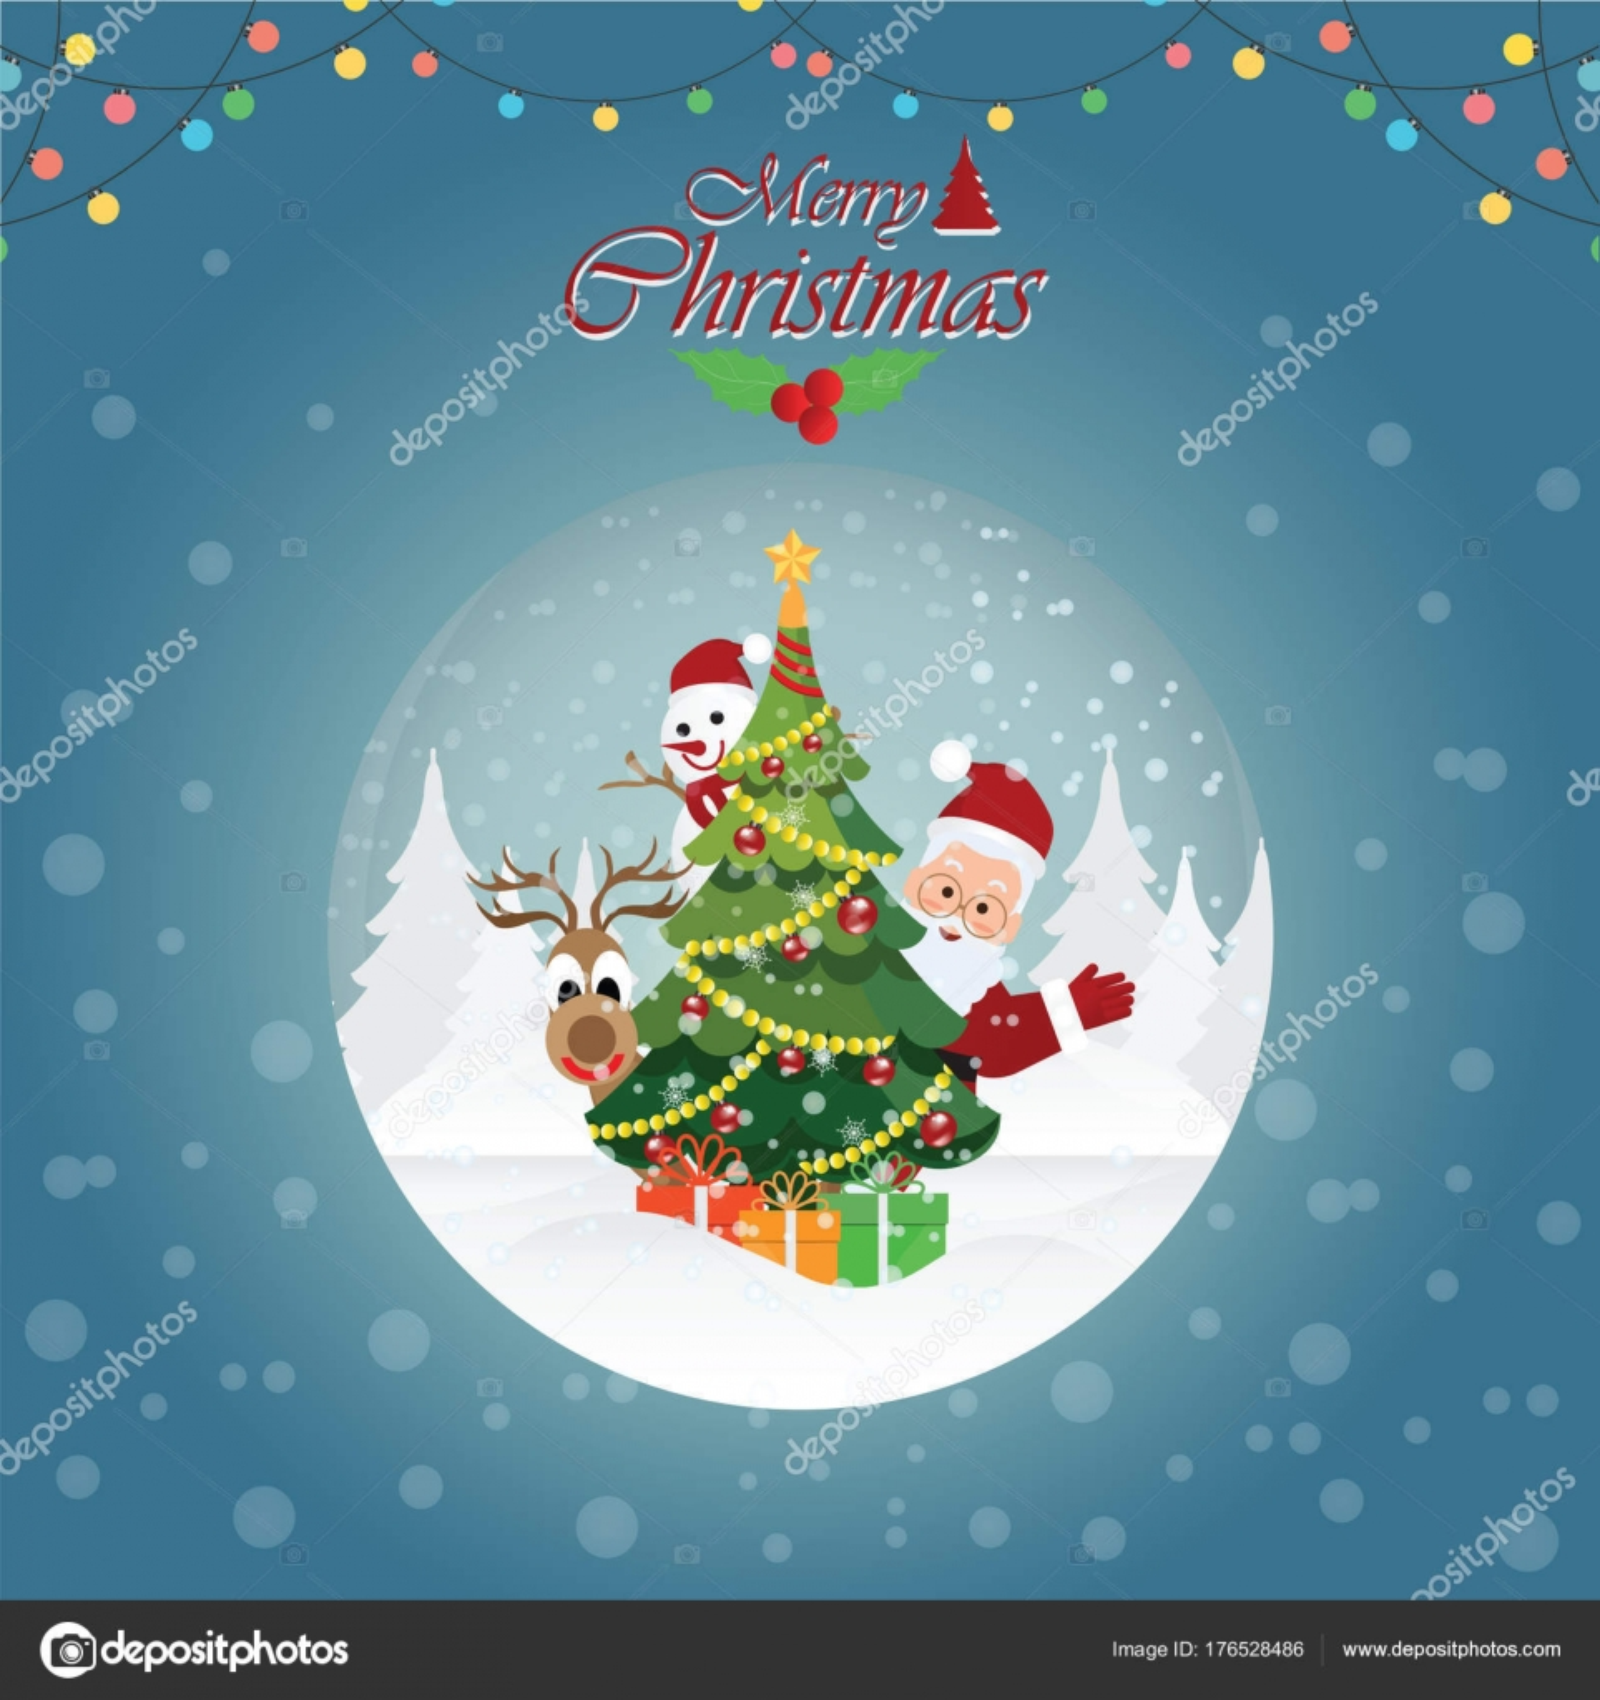 Foto Con Auguri Di Buon Natale.Cartolina D Auguri Di Buon Natale Con Natale Santa Claus4